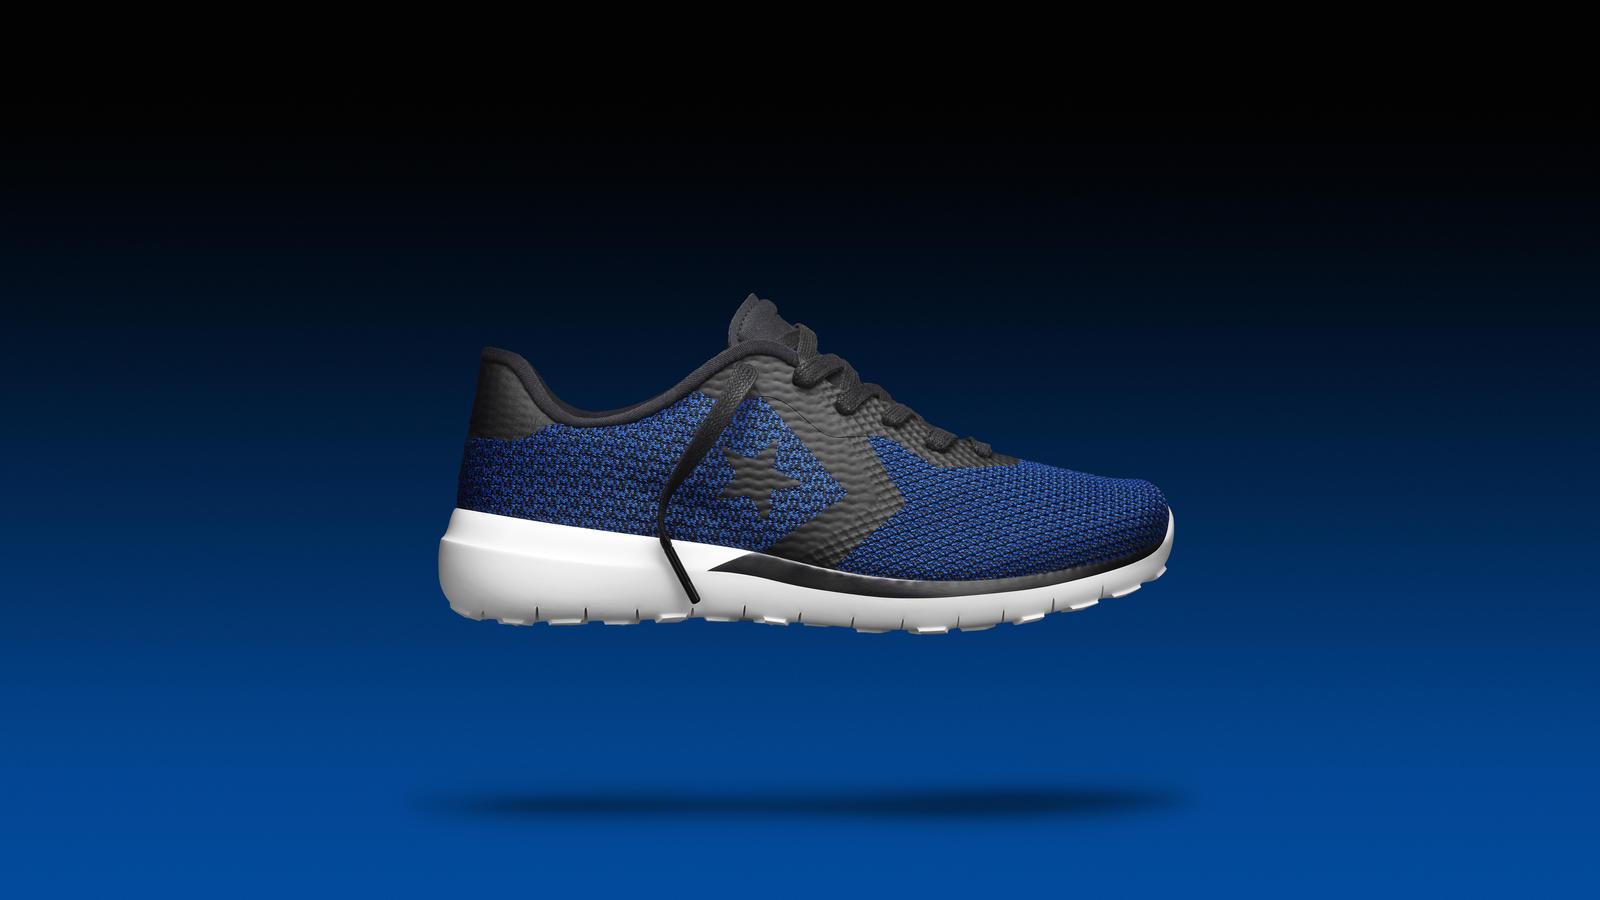 054fd559473fd5 299488 Auckland Modern Blue Toe. 299356 Auckland Modern Blue Lateral